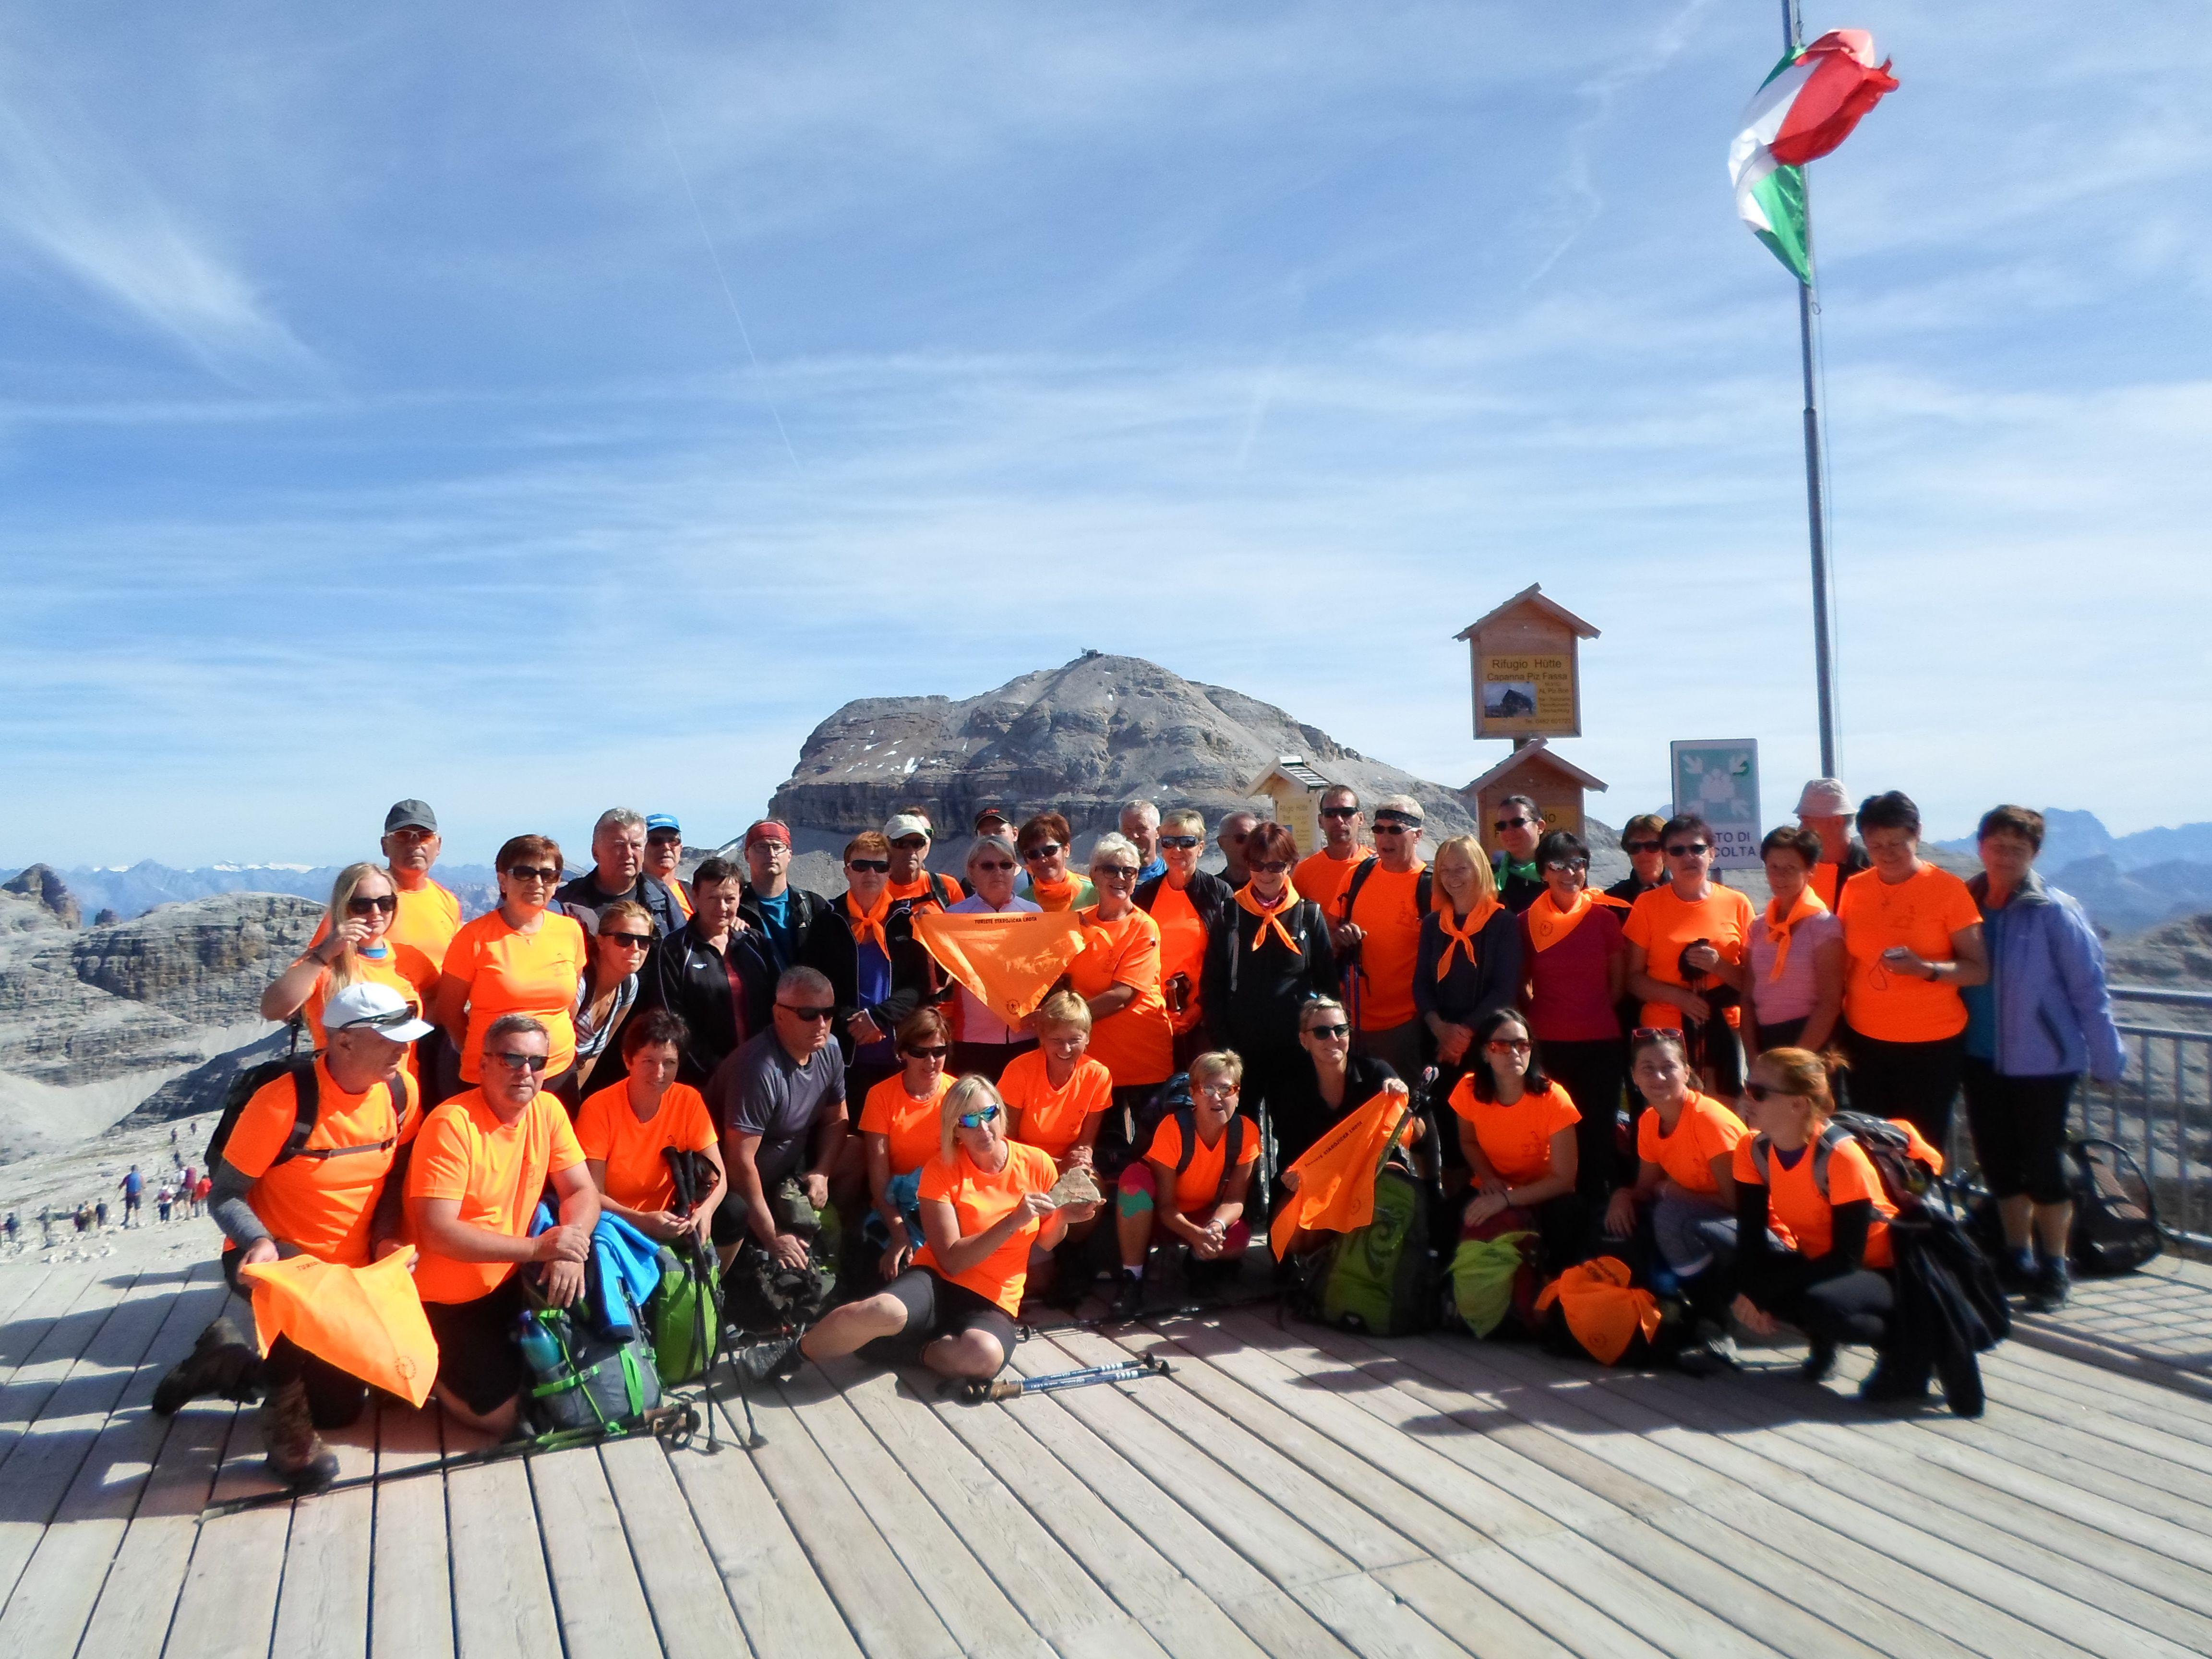 Turisté před vrcholem Piz Boè, kam směřovaly jejich další kroky, 3 152 m. n. m.